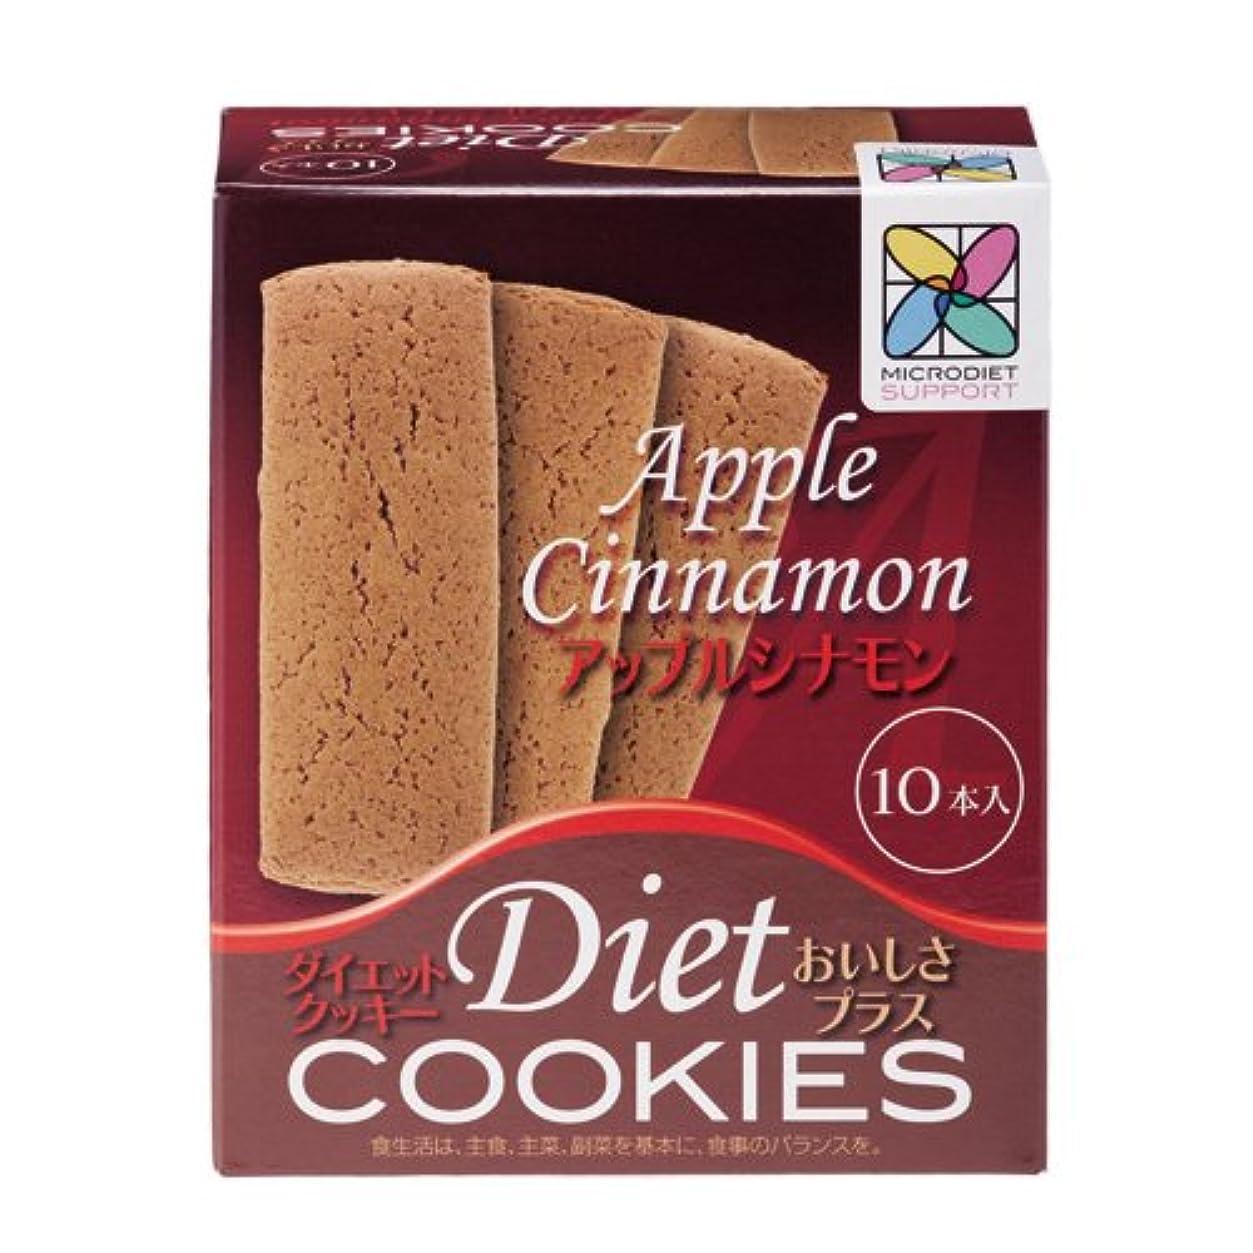 ダイエットクッキーおいしさプラス(アップルシナモン:1箱)(03754)